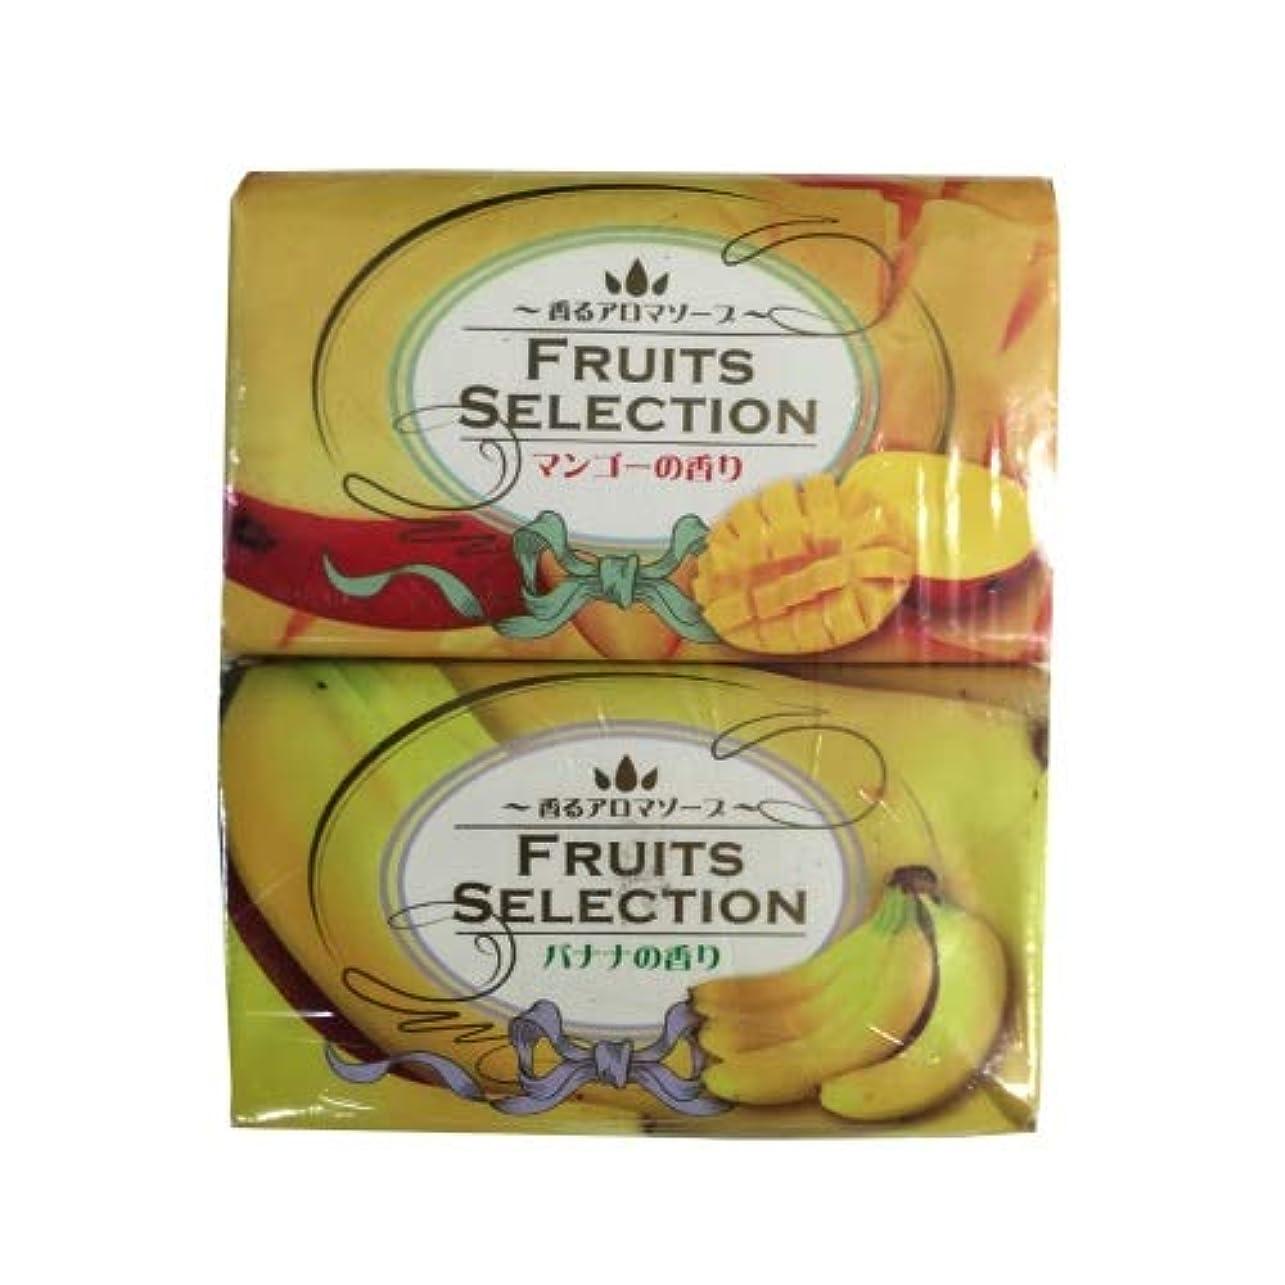 大人アンティークパステルロケット石鹸 香るアロマソープ MB 2個パック (マンゴーの香り1個 & バナナの香り 1個)